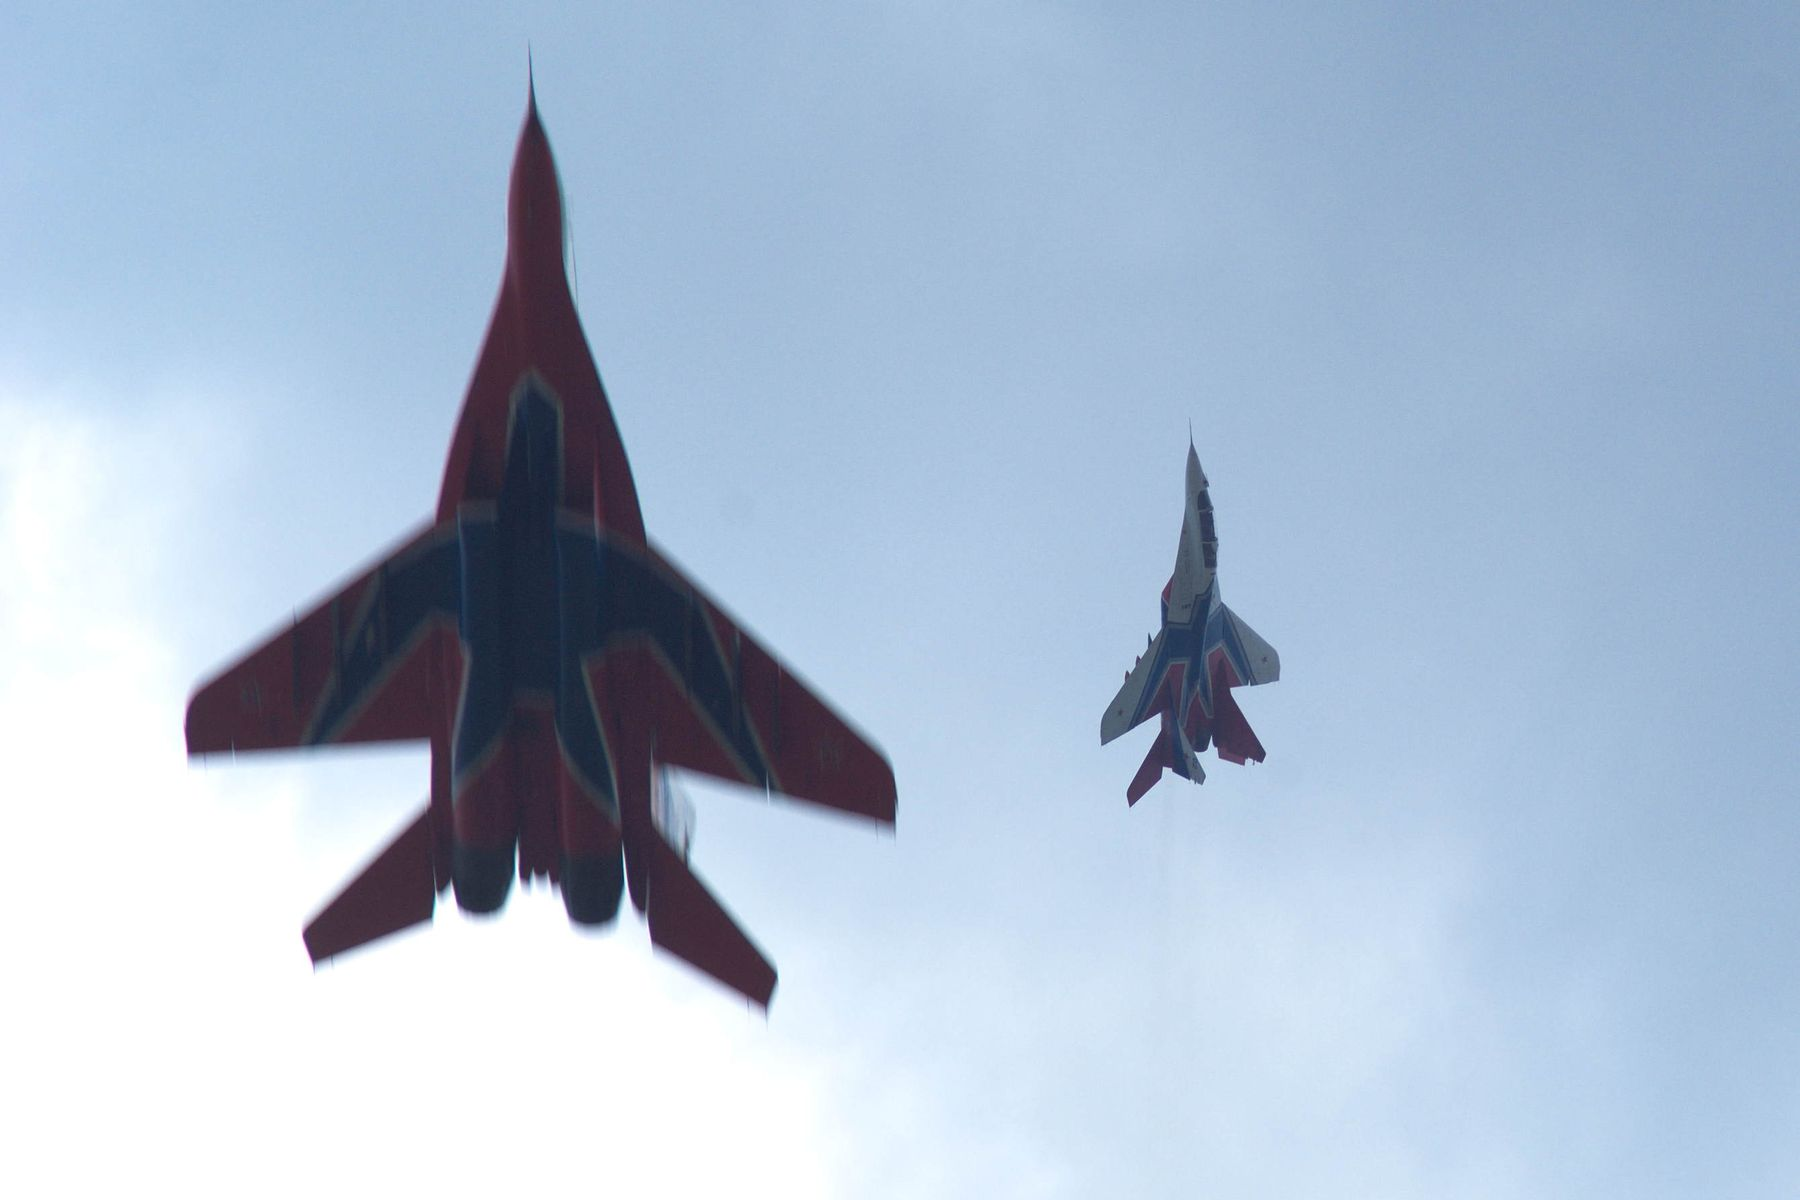 Дуэль-2 ВКС ВВС МиГ-29 Кубинка Стрижи авиация самолет эффект Прандтля-Глоерта